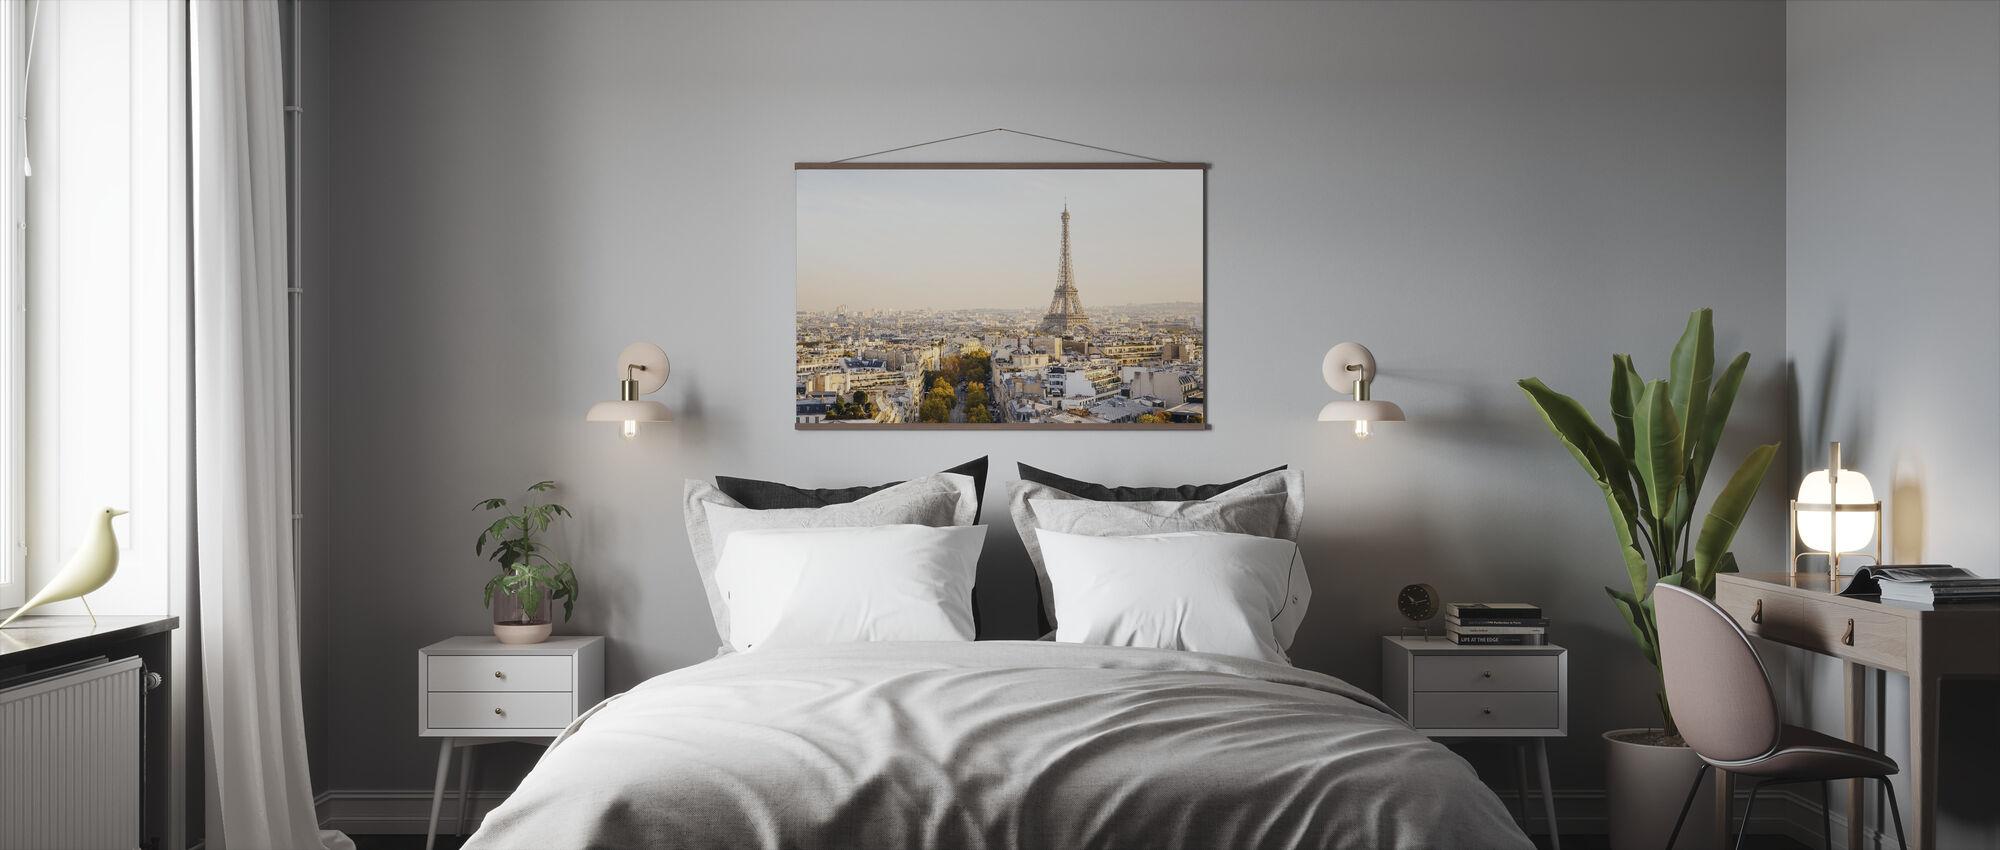 Eiffel-torni ja Pariisin horisonttiin - Juliste - Makuuhuone